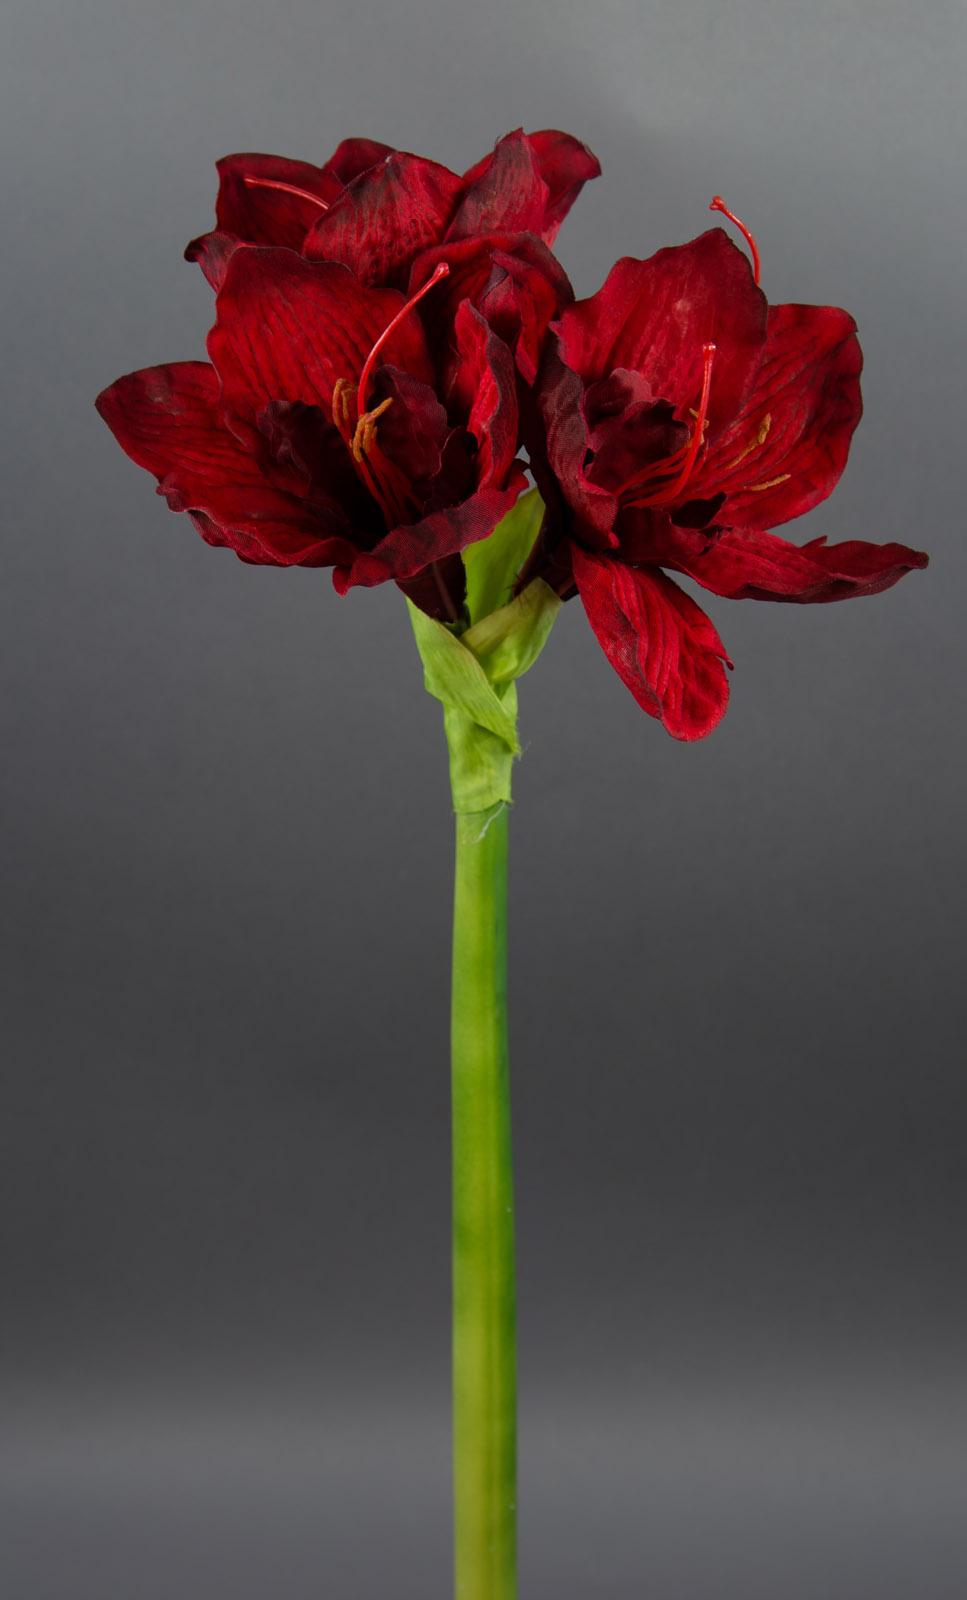 grosse amaryllis 65cm dunkelrot ga seidenblumen k nstliche blumen kunstblumen. Black Bedroom Furniture Sets. Home Design Ideas